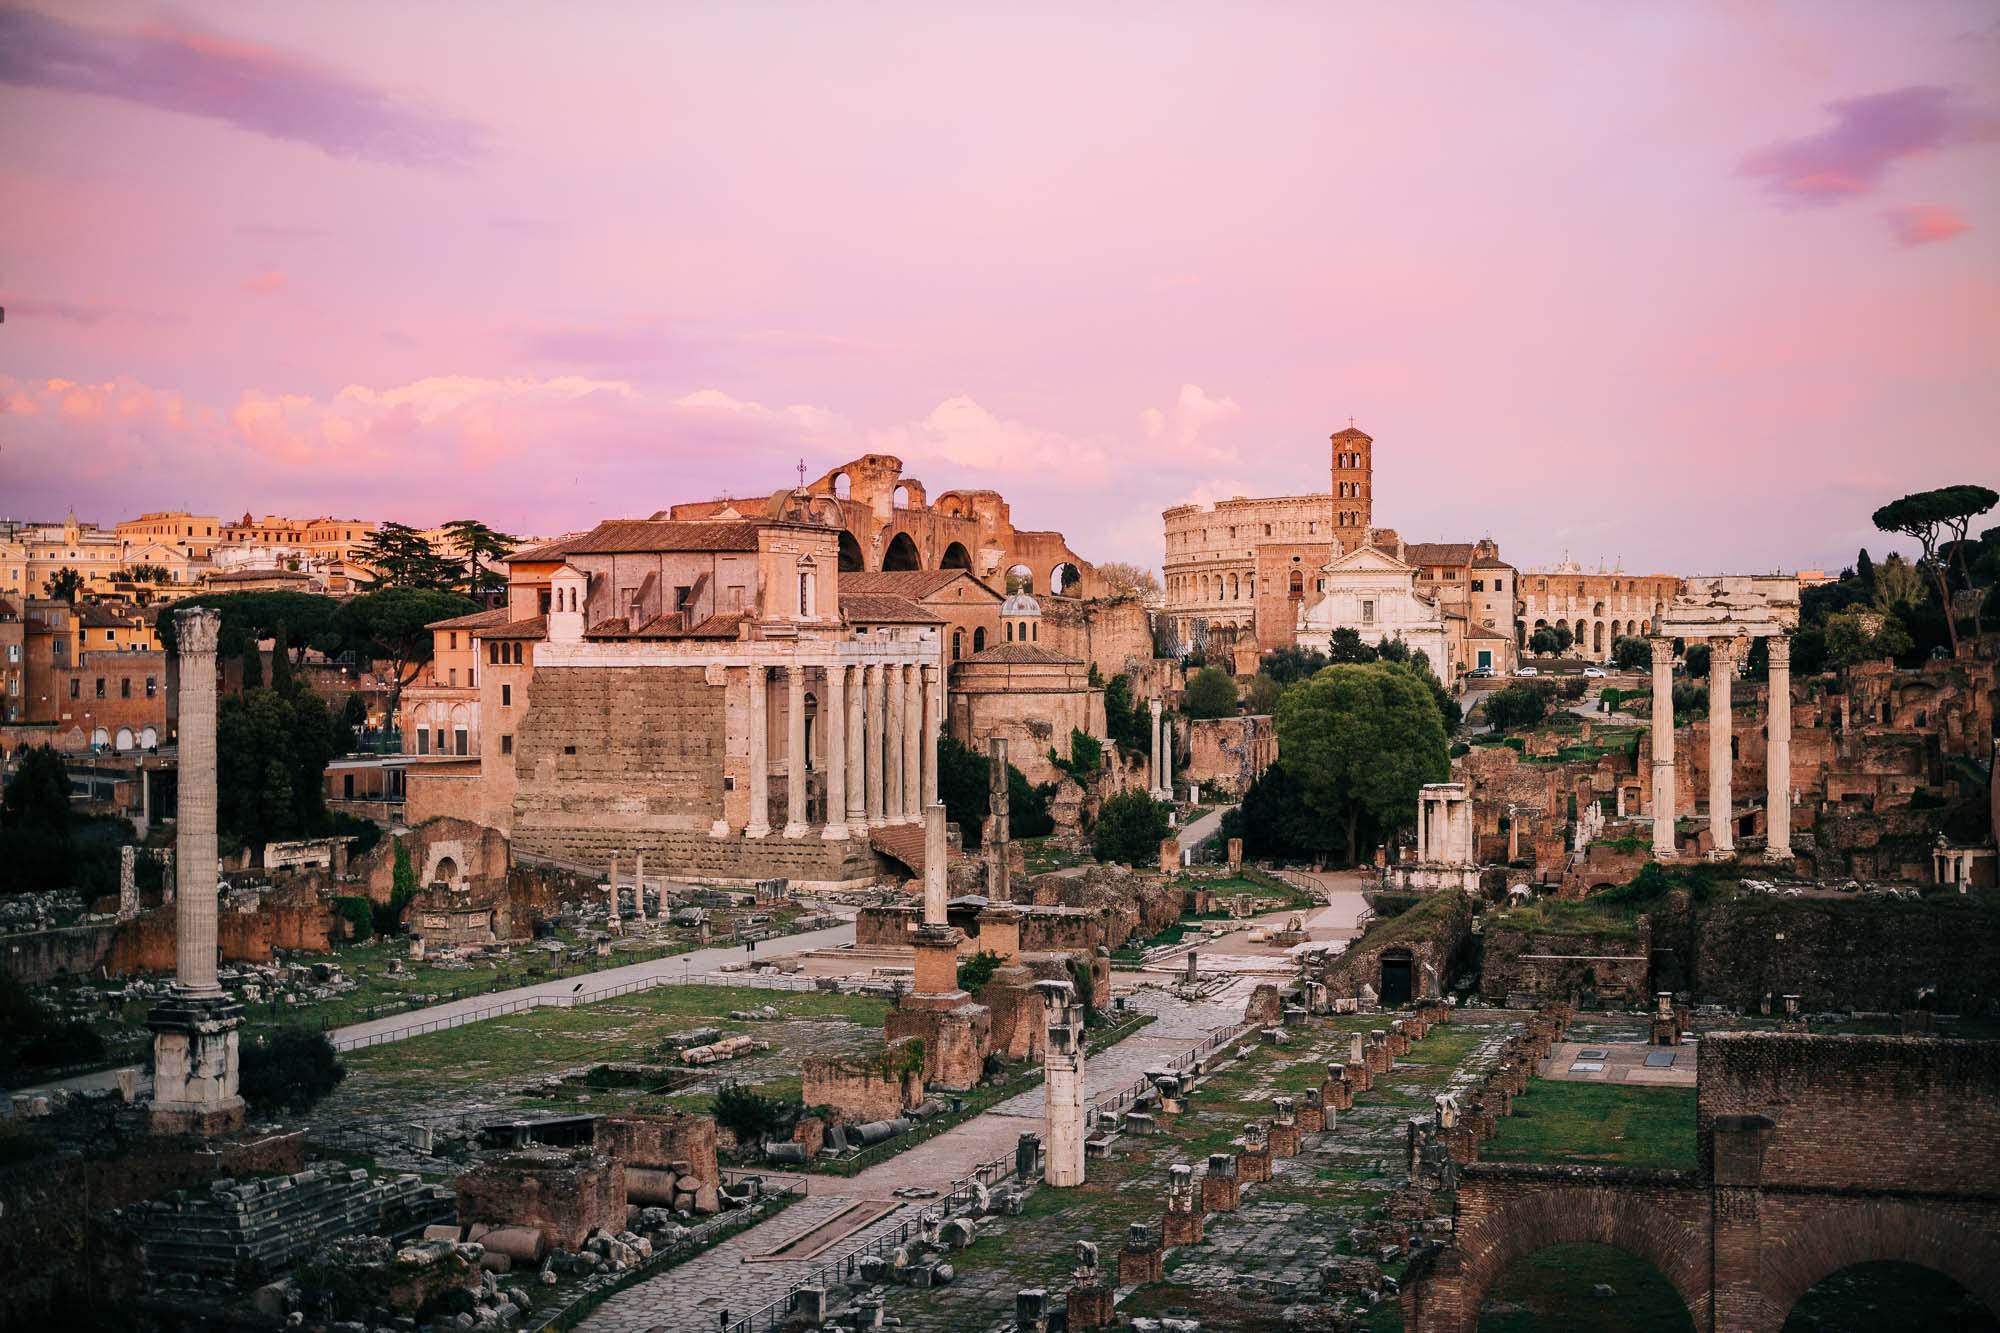 Rome_anniversary_photoshoot-1862.jpg